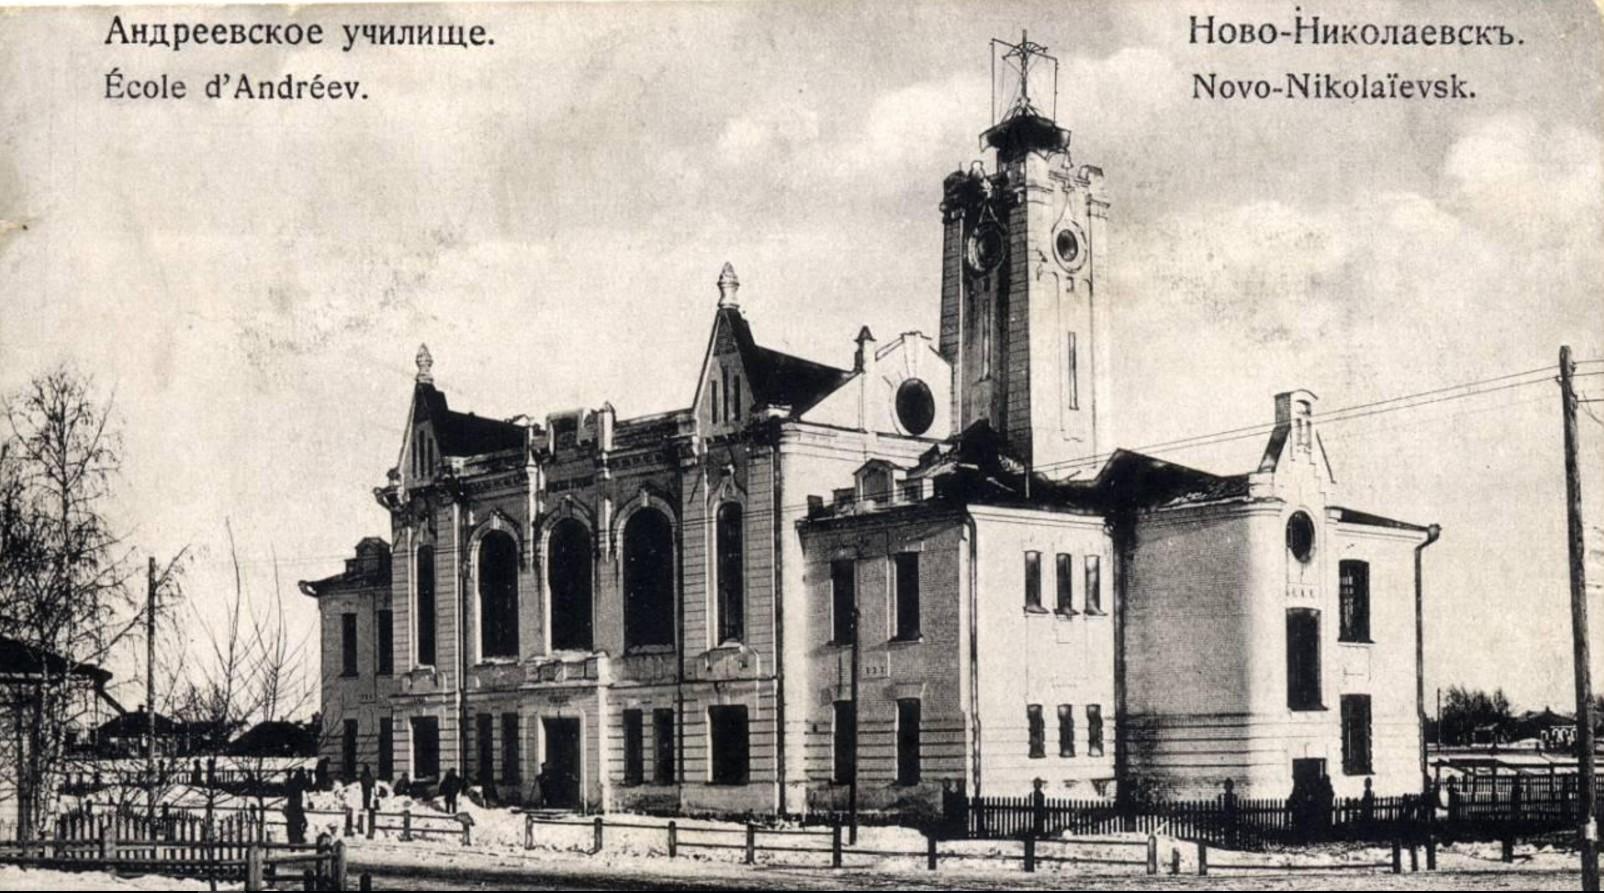 Андреевское училище